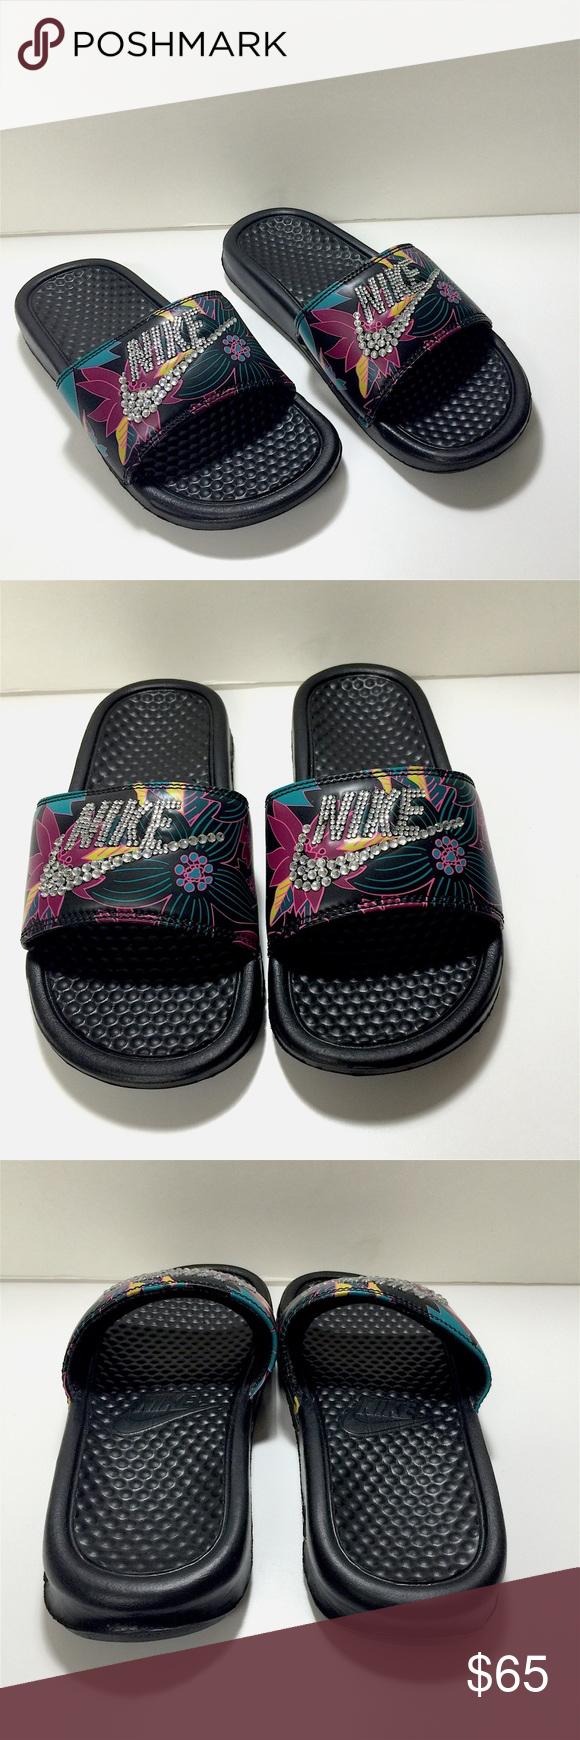 1ad6fdf4953a Custom Blinged Nike Slides CUSTOM MADE Blinged out Nike Slides ...